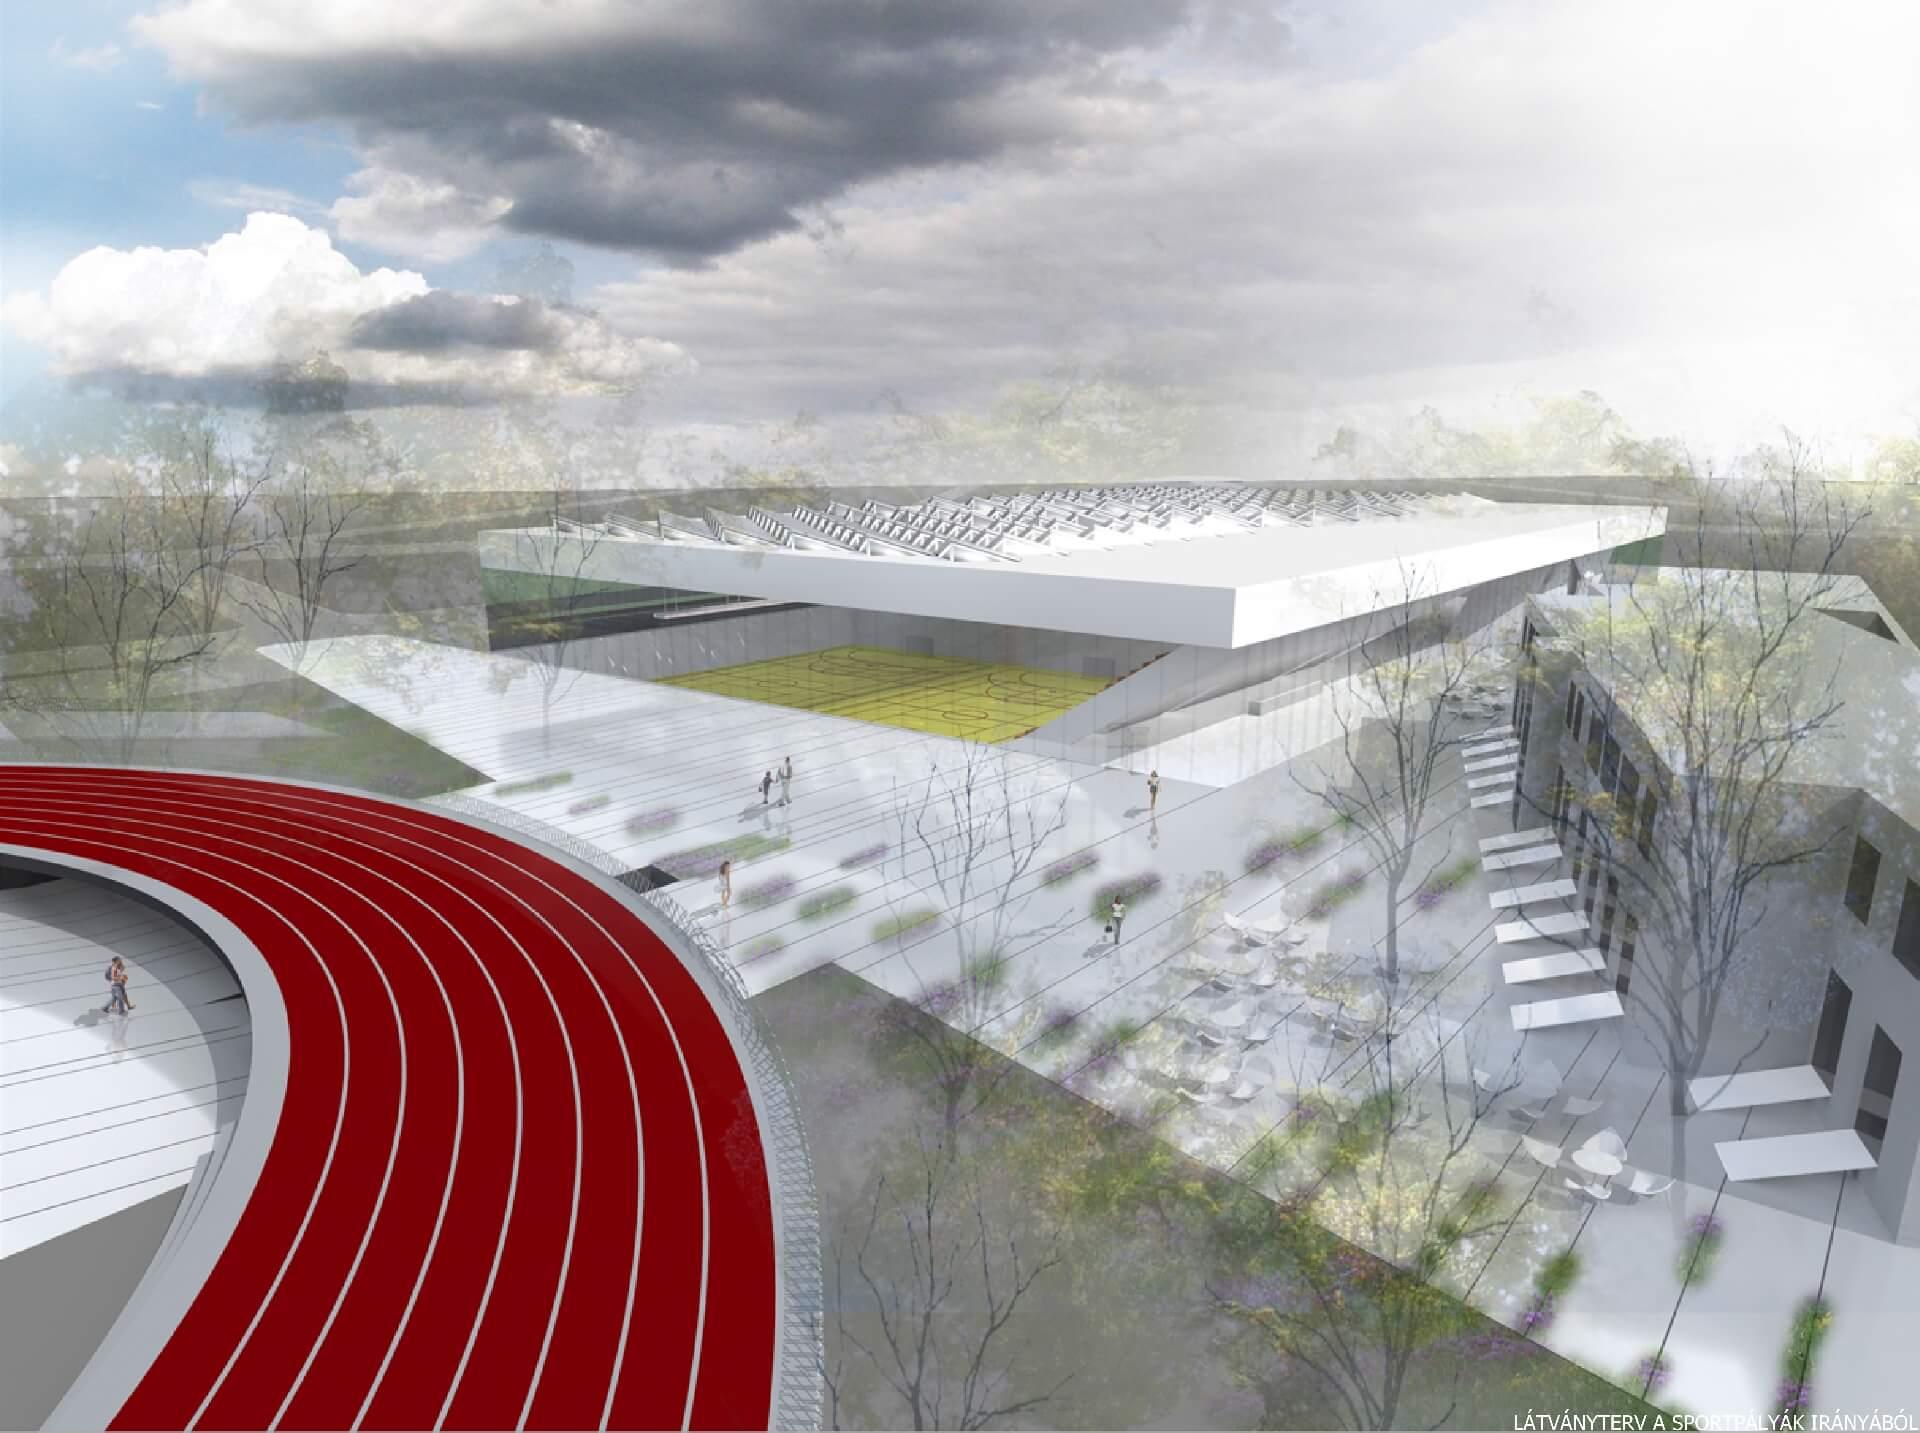 Nemzeti Közszolgálati Egyetem sportközpont látványa a sportpályákról